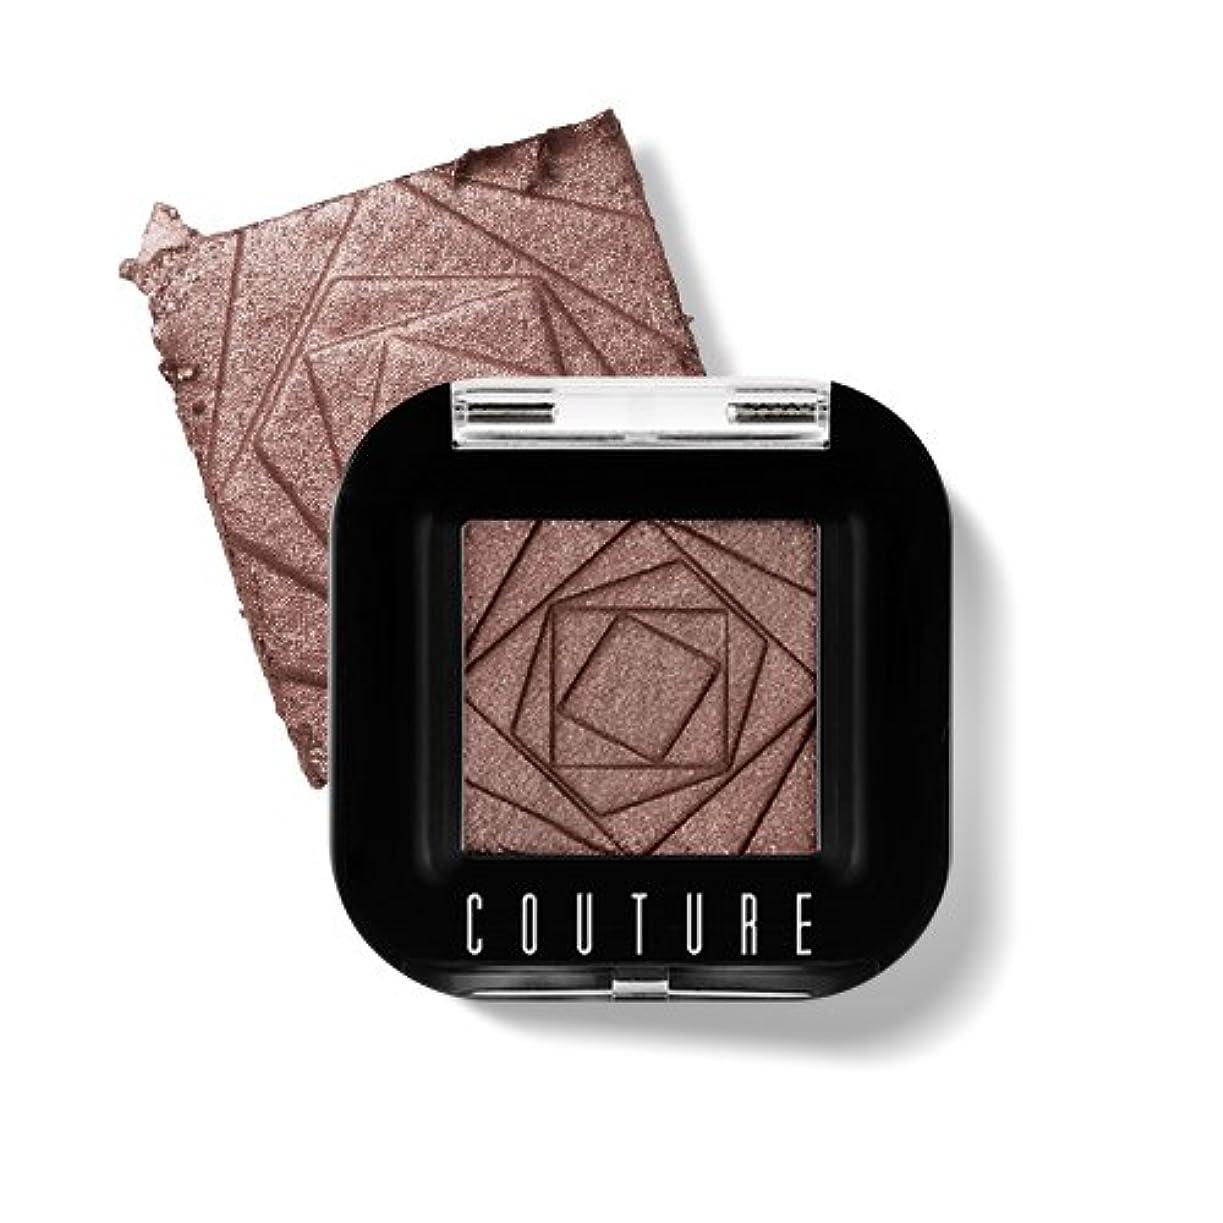 リングバックアレルギー性舌なAPIEU Couture Shadow (# 5) /アピュ/オピュ クチュールシャドウ [並行輸入品]